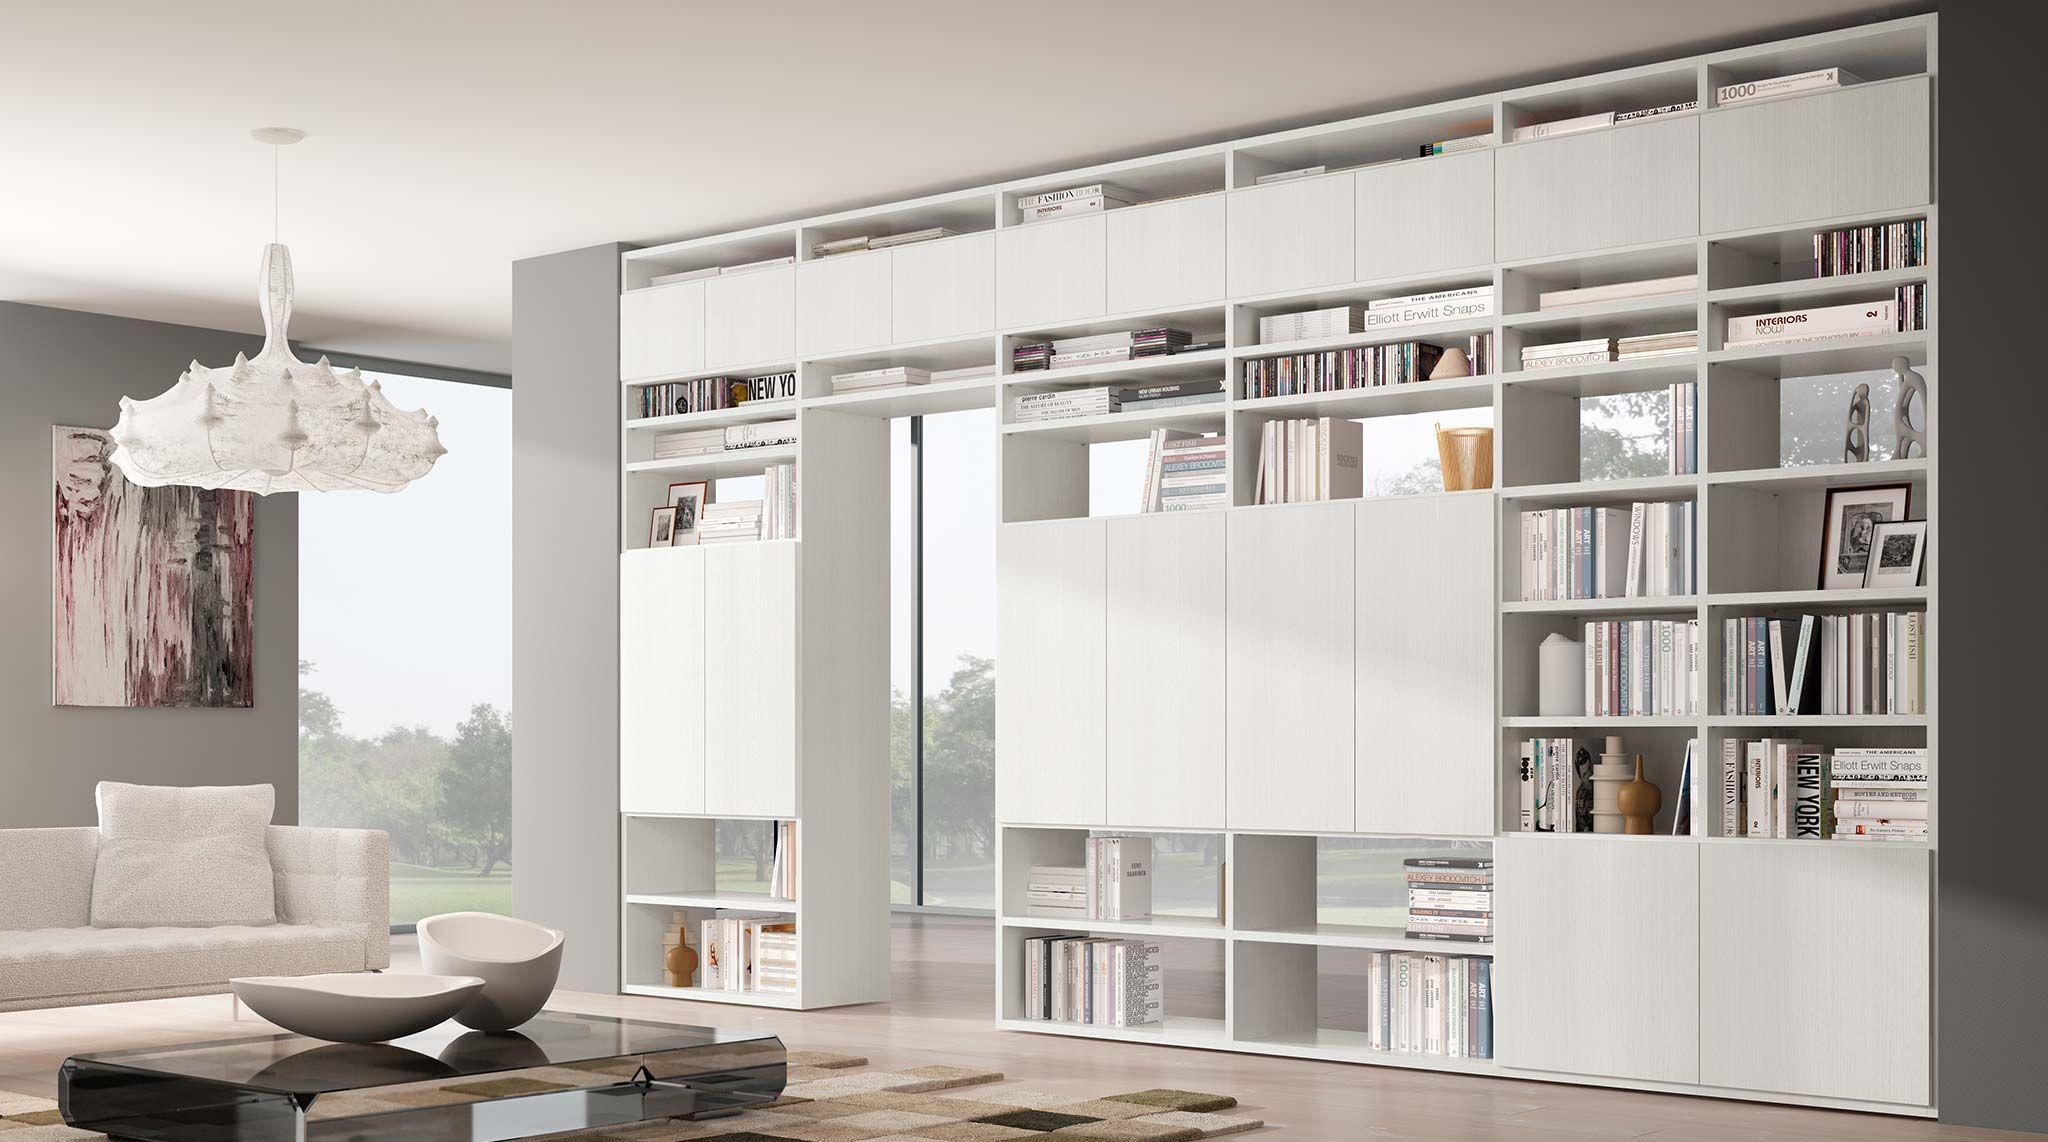 Librerie Componibili Bifacciali.Libreria Bifacciale Componibile Systema B Arquitectura